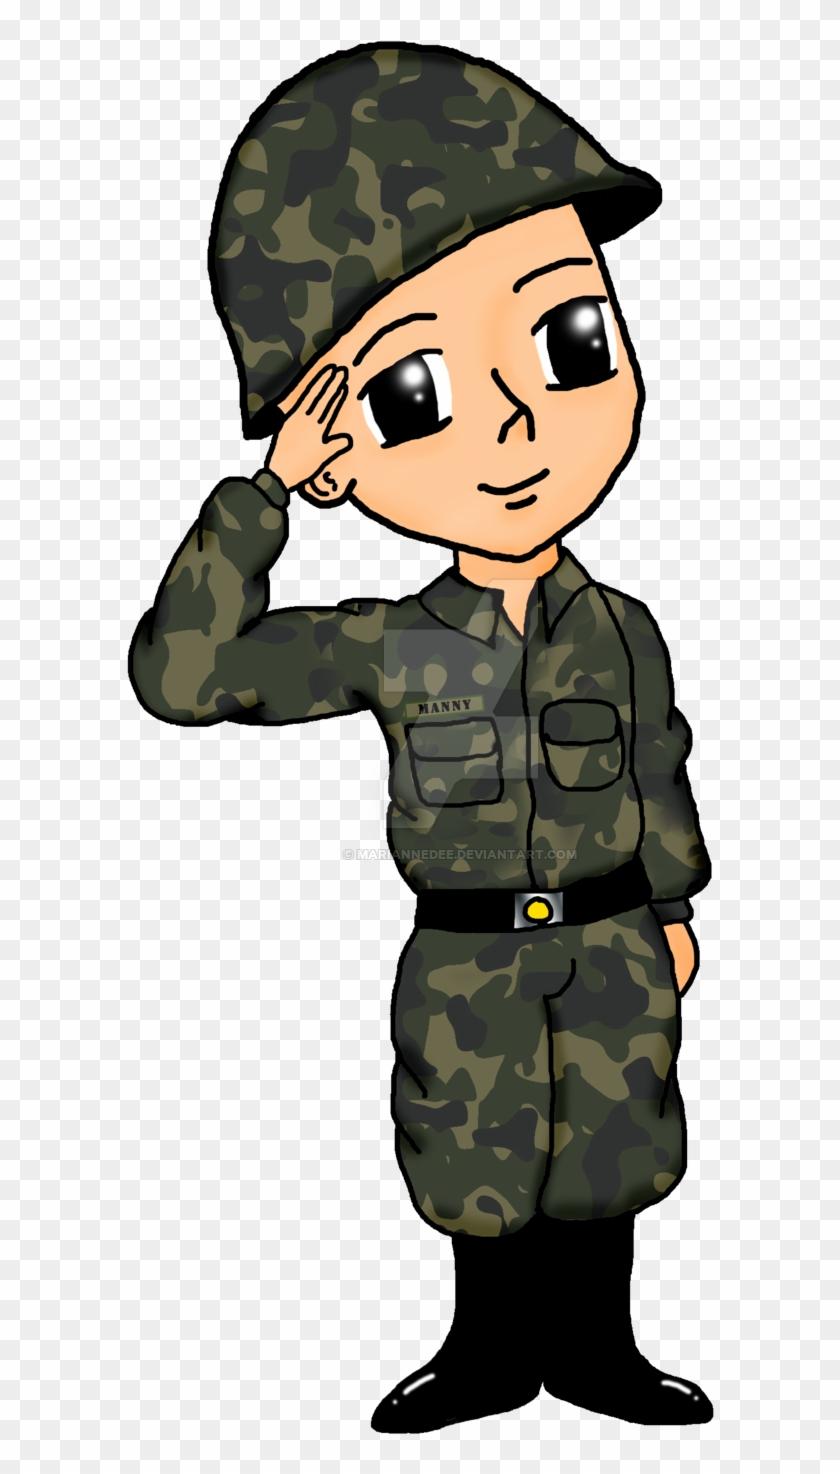 Армия в картинках для детей